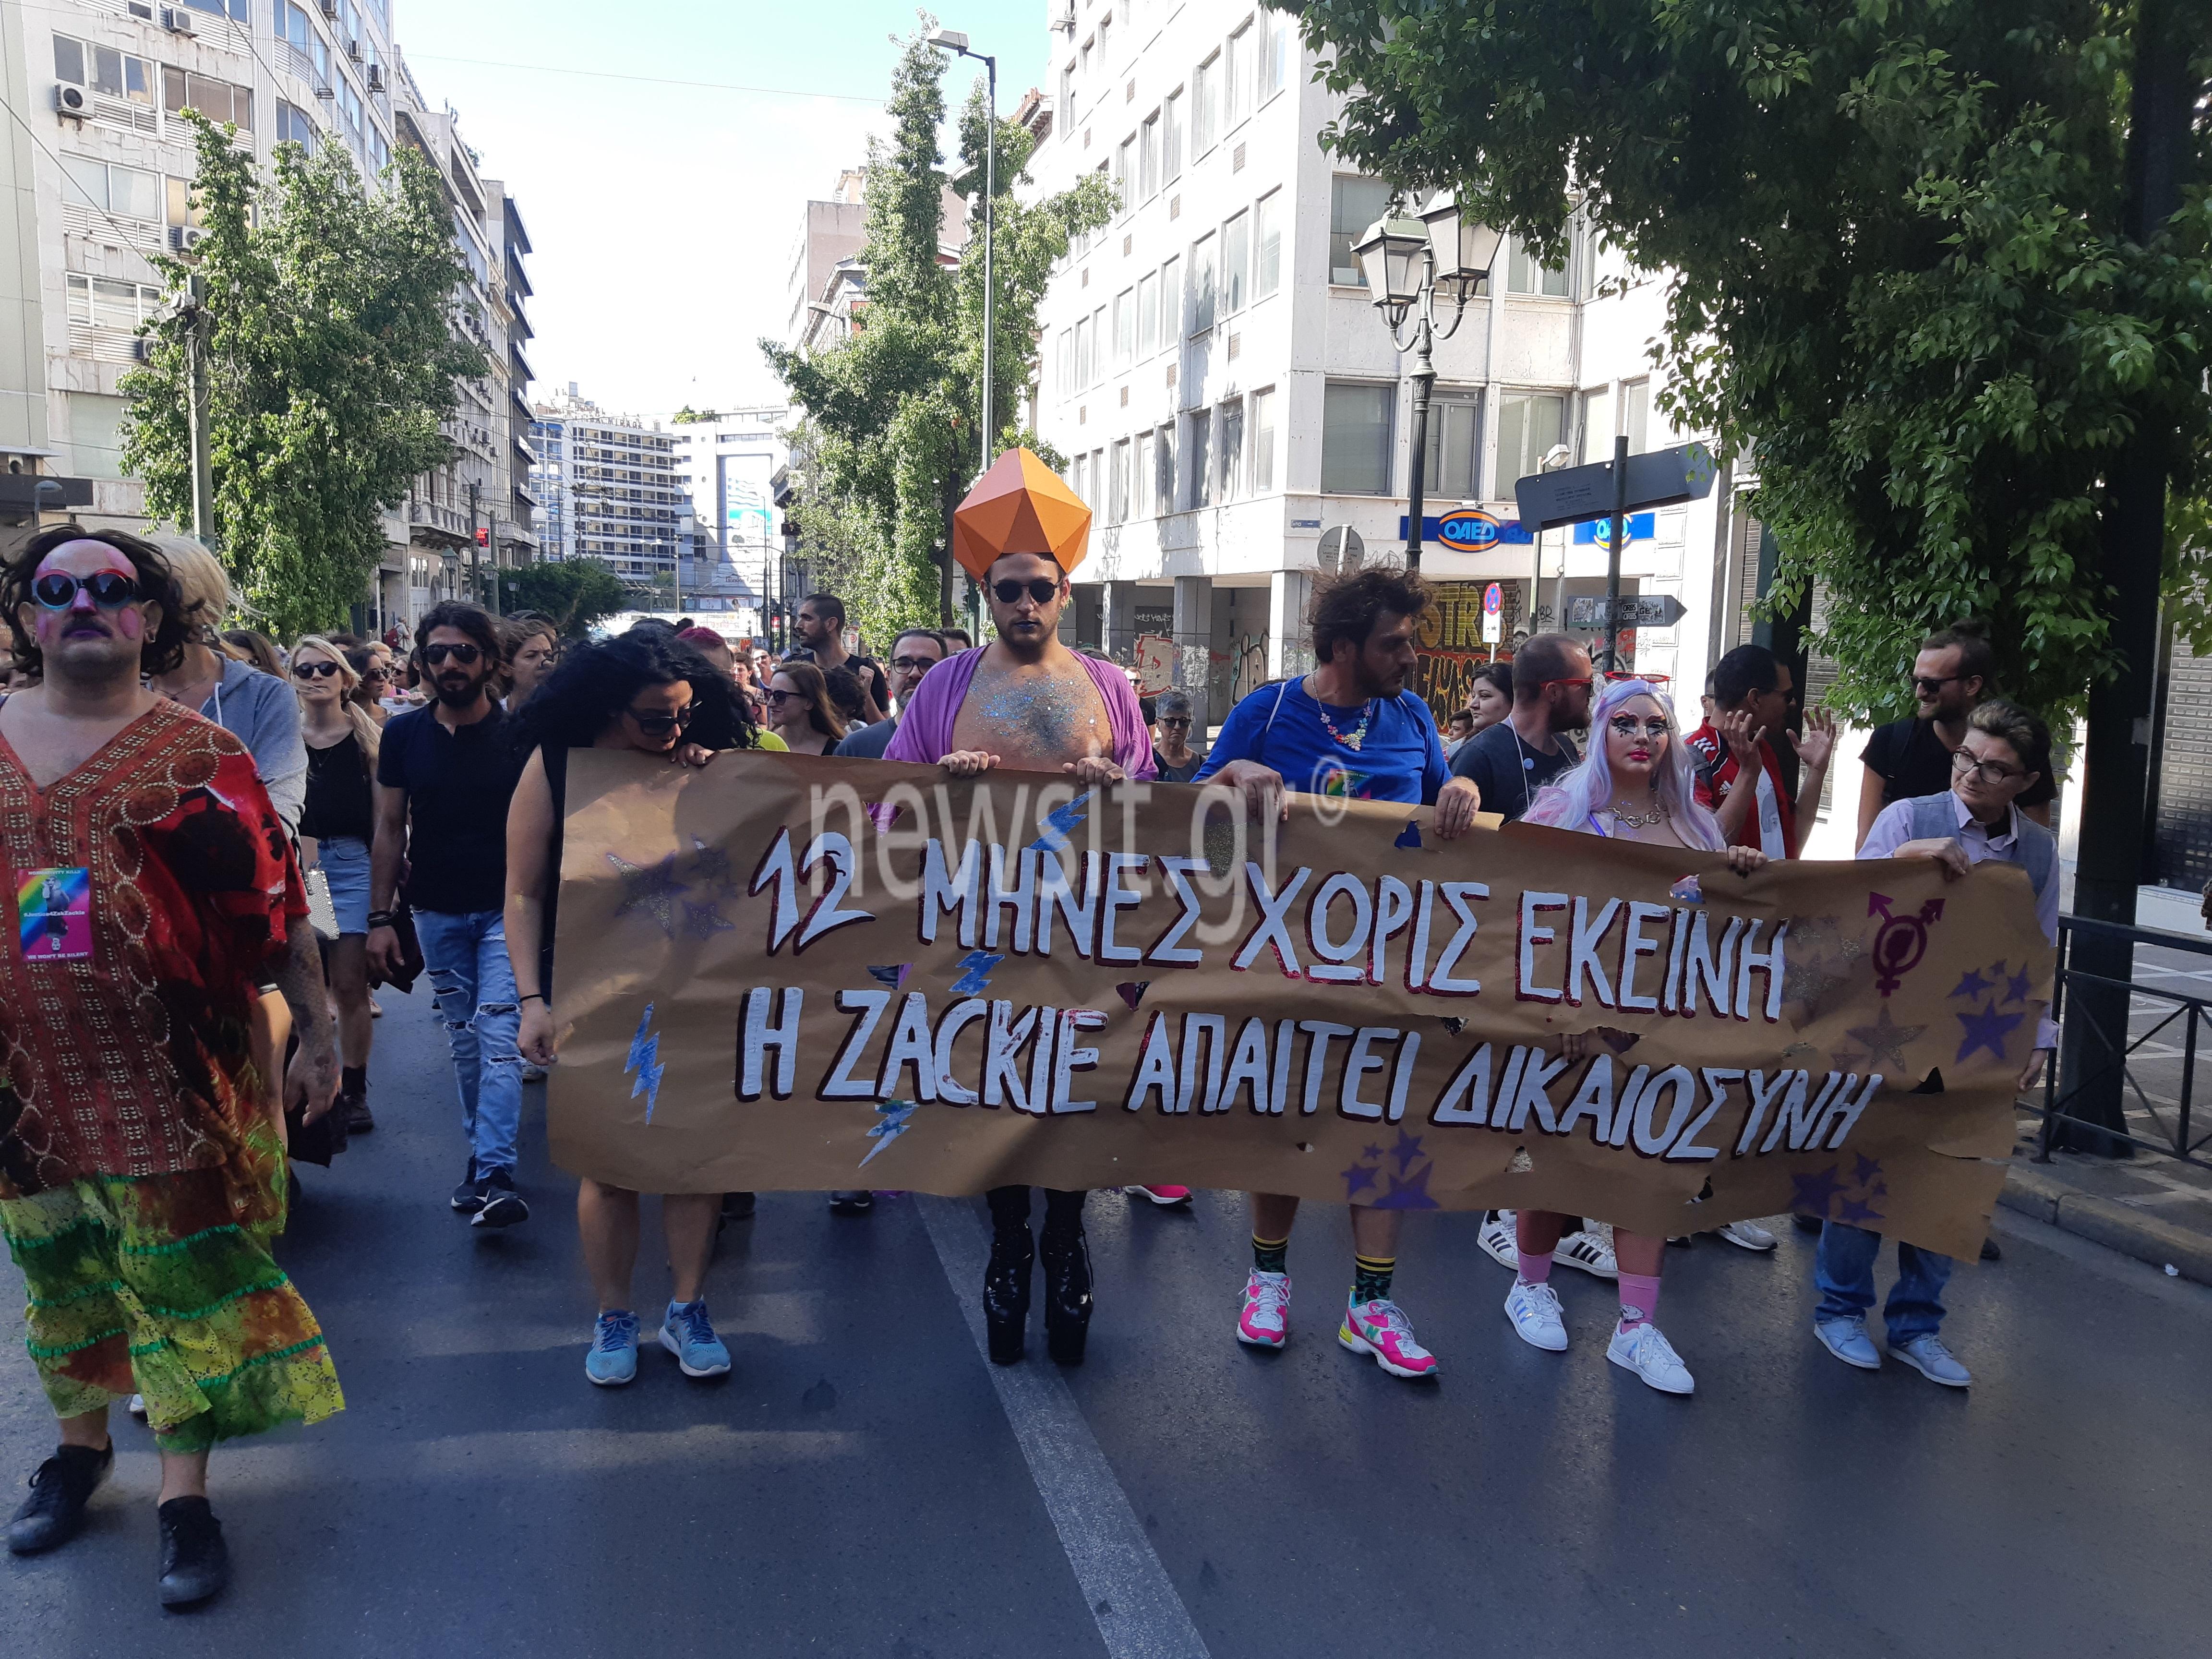 Ένας χρόνος από τον θάνατο του Ζακ Κωστόπουλου - Συγκέντρωση και πορεία στο Σύνταγμα - Ποιοι δρόμοι ειναι κλειστοί